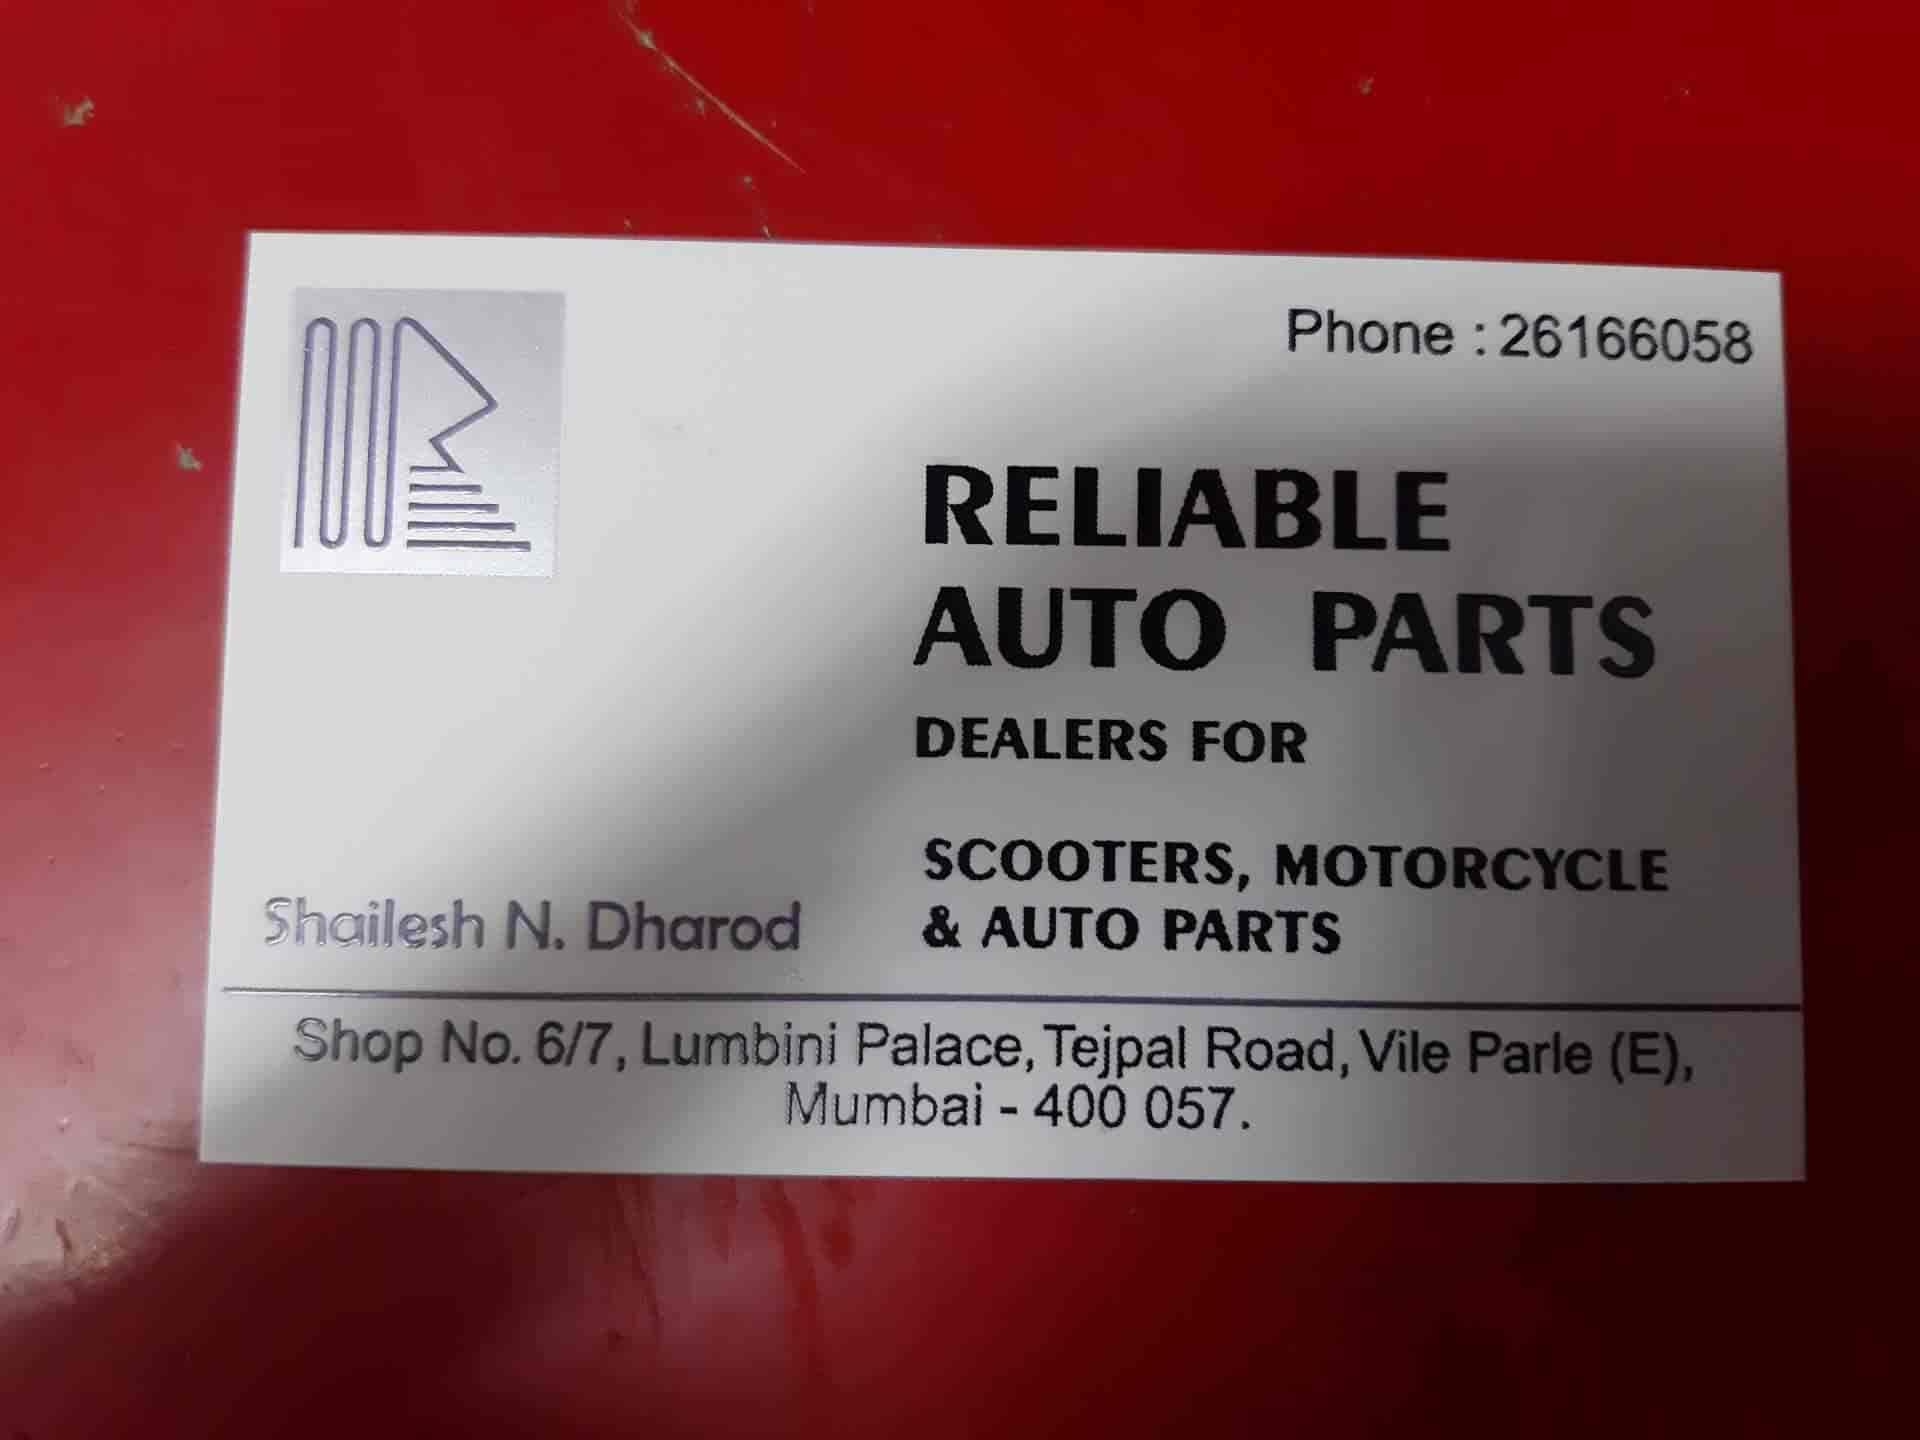 Reliable Auto Parts >> Reliable Auto Parts Vile Parle East Automobile Part Dealers In